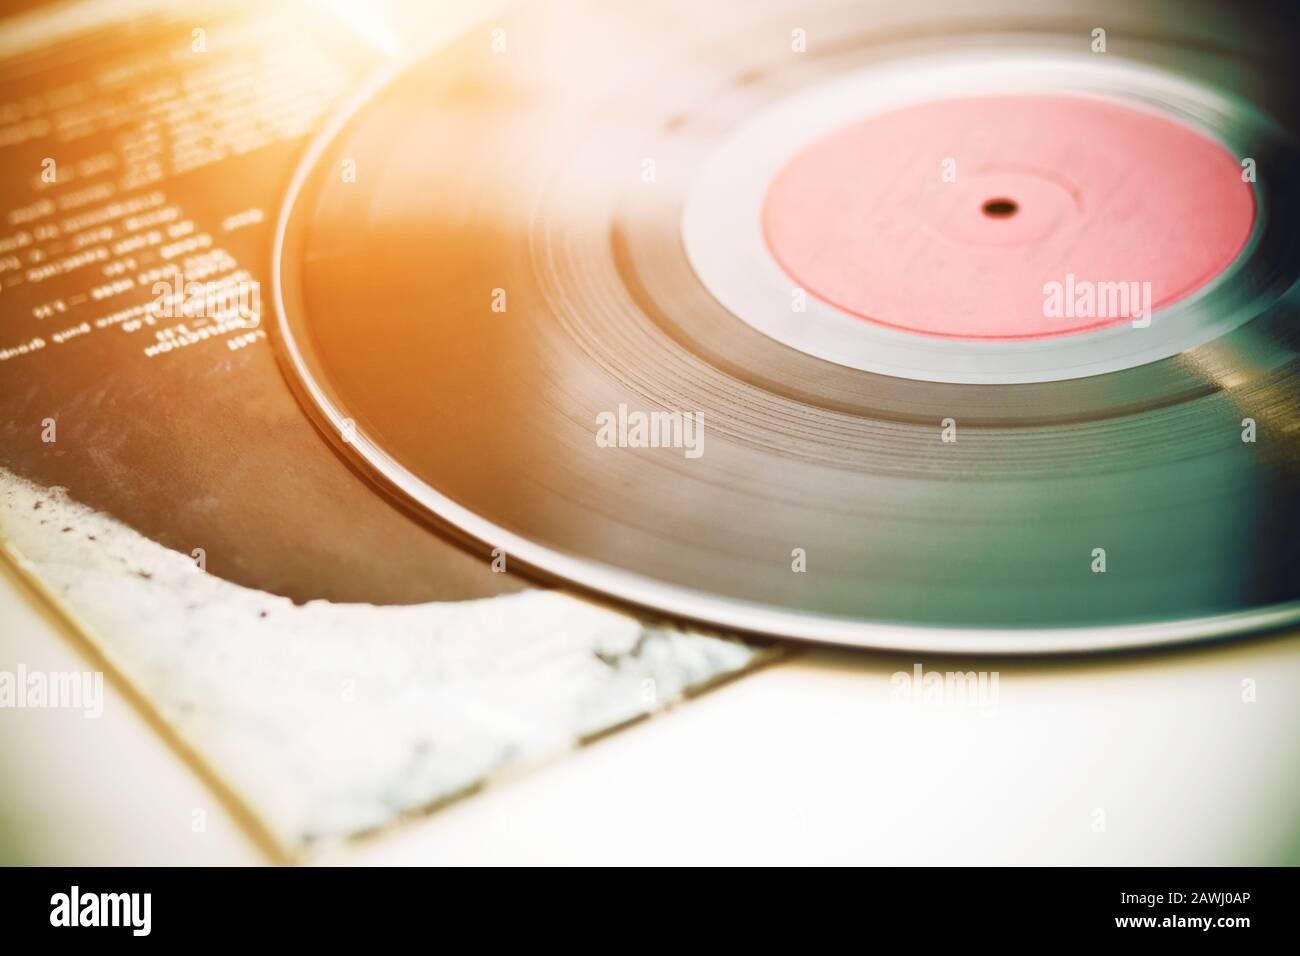 Un disco de vinilo negro musical vintage se encuentra en la portada de papel de un álbum musical, iluminado por la luz del sol. Foto de stock